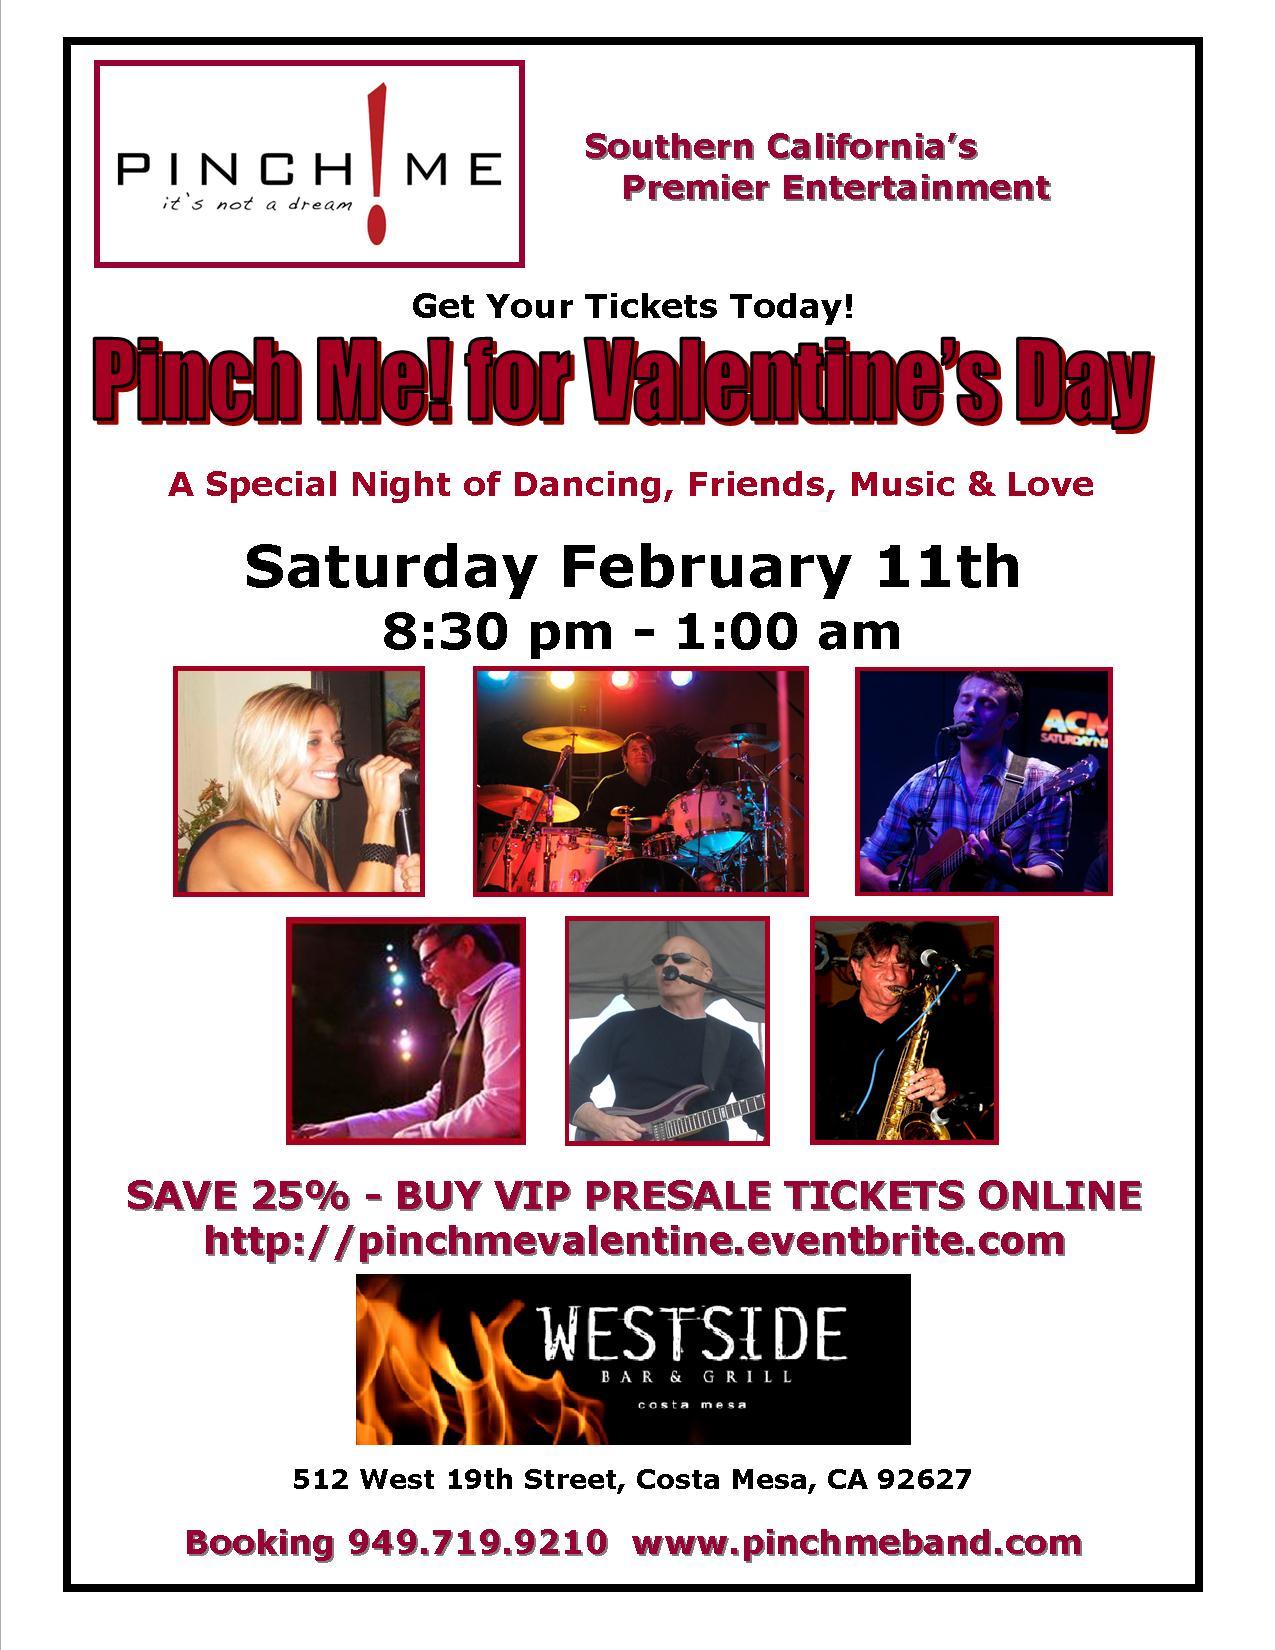 Pinch Me Valentine's Day Westside 2-11-12